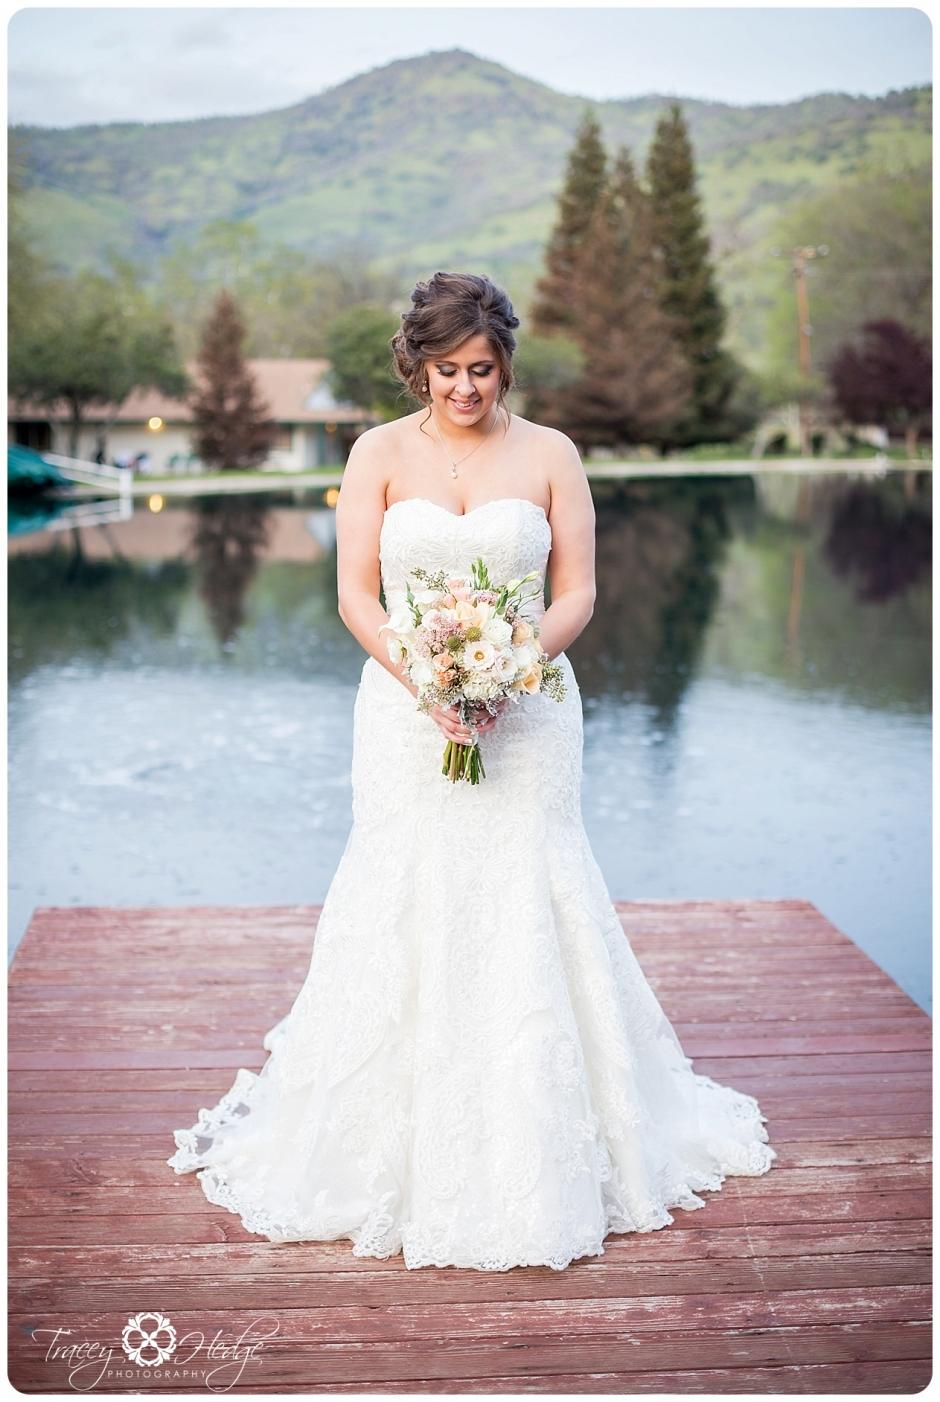 Kevan and Alicia Wedding at Wonder Valley Ranch_0040.jpg